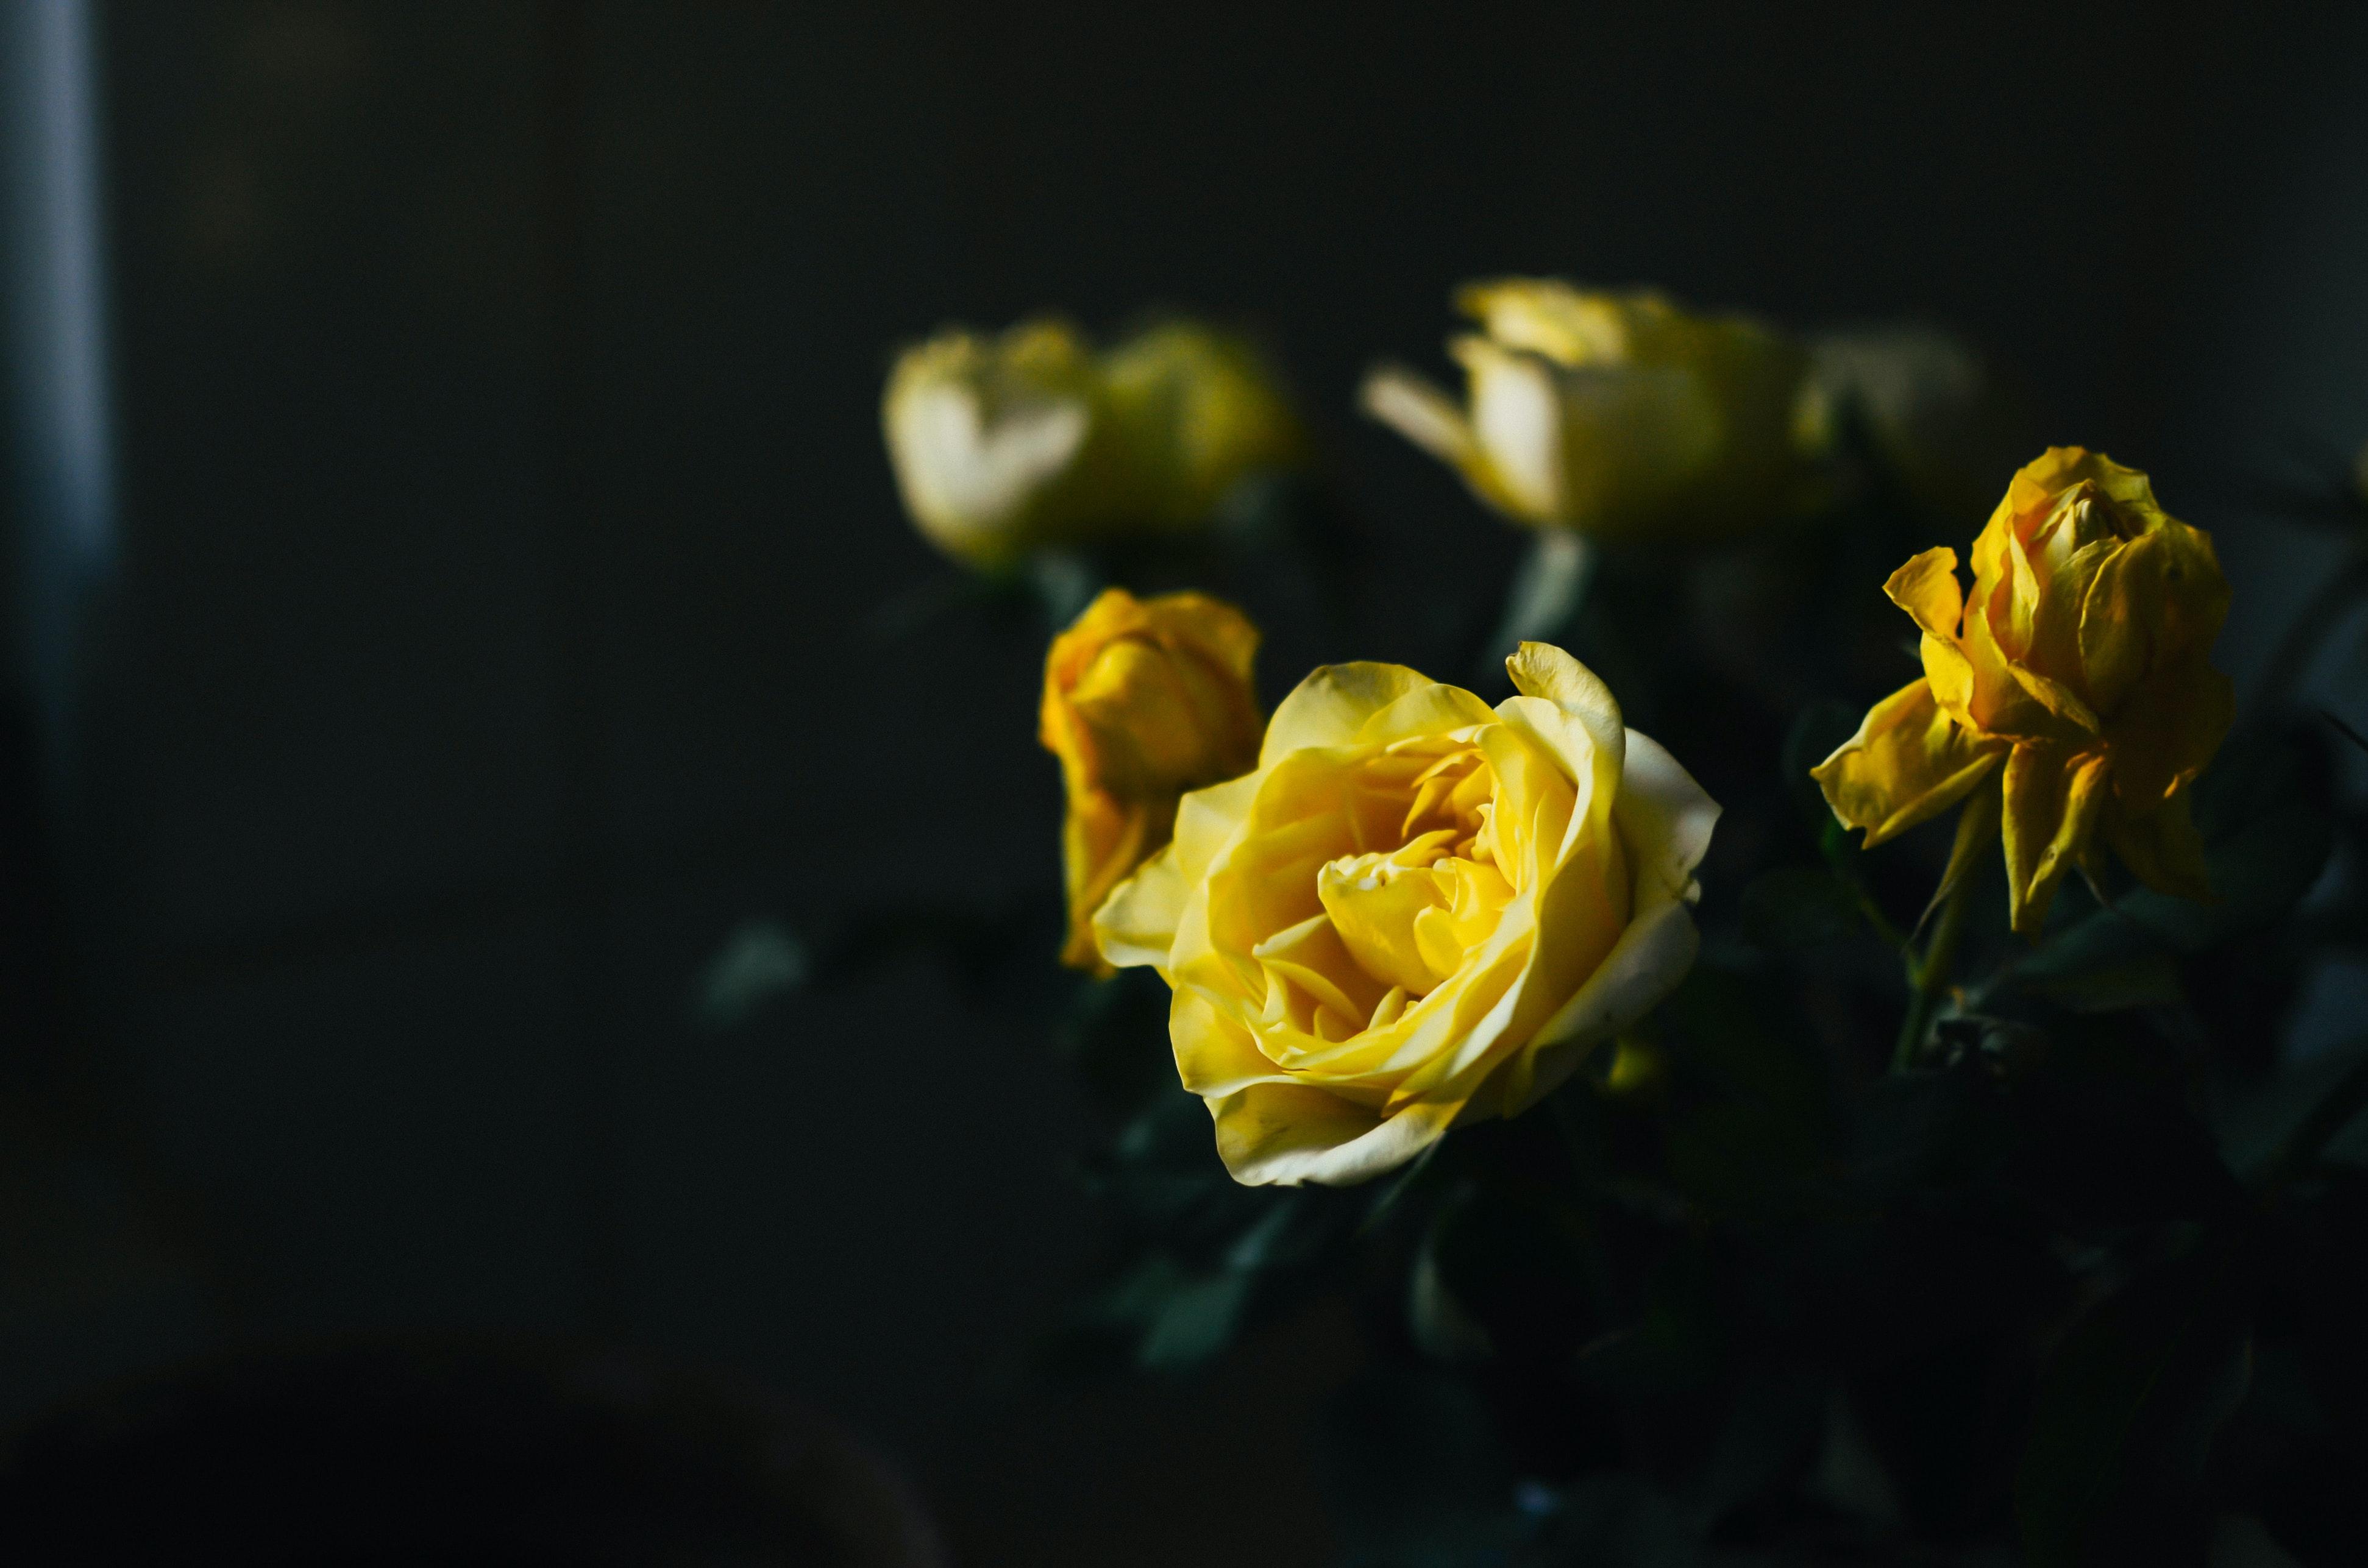 Anyák napja, sárga rózsák - jó lenne elmondani mindent, amit még nem tudtam